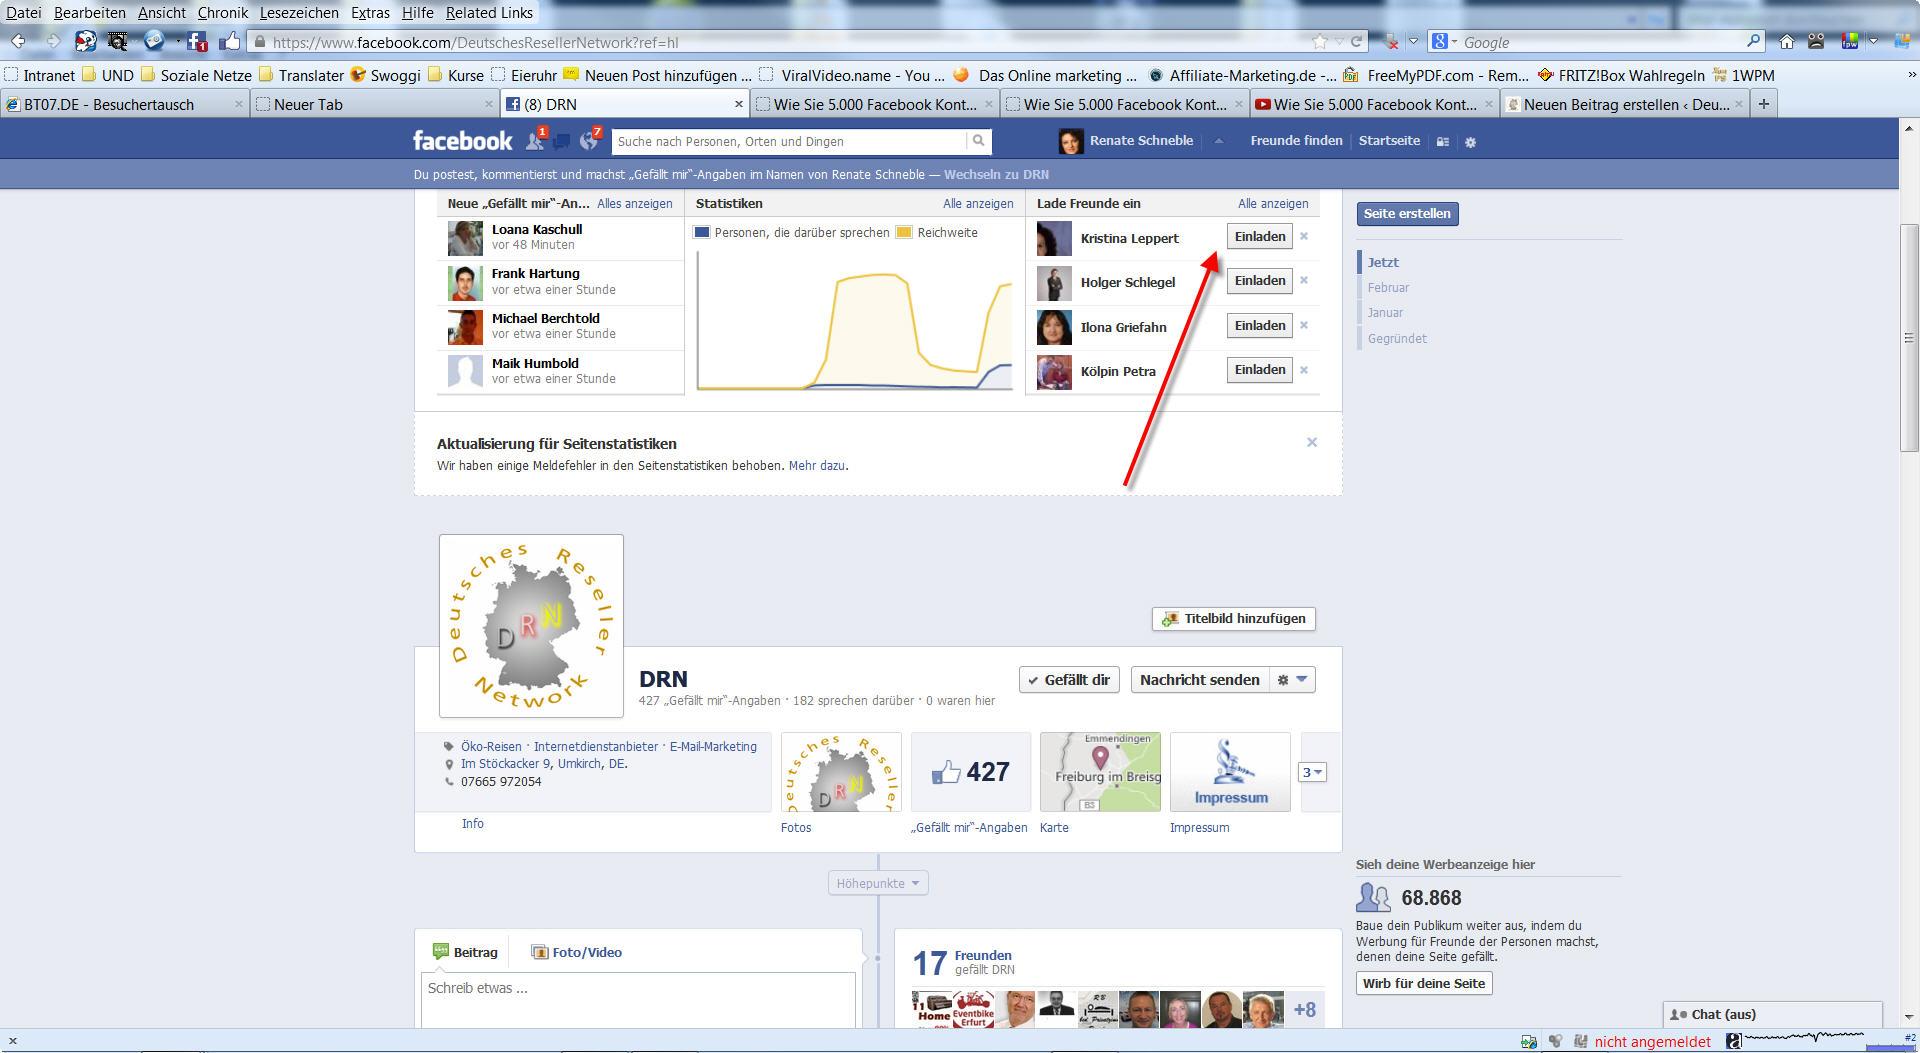 Fanpage Deutsches Reseller Network